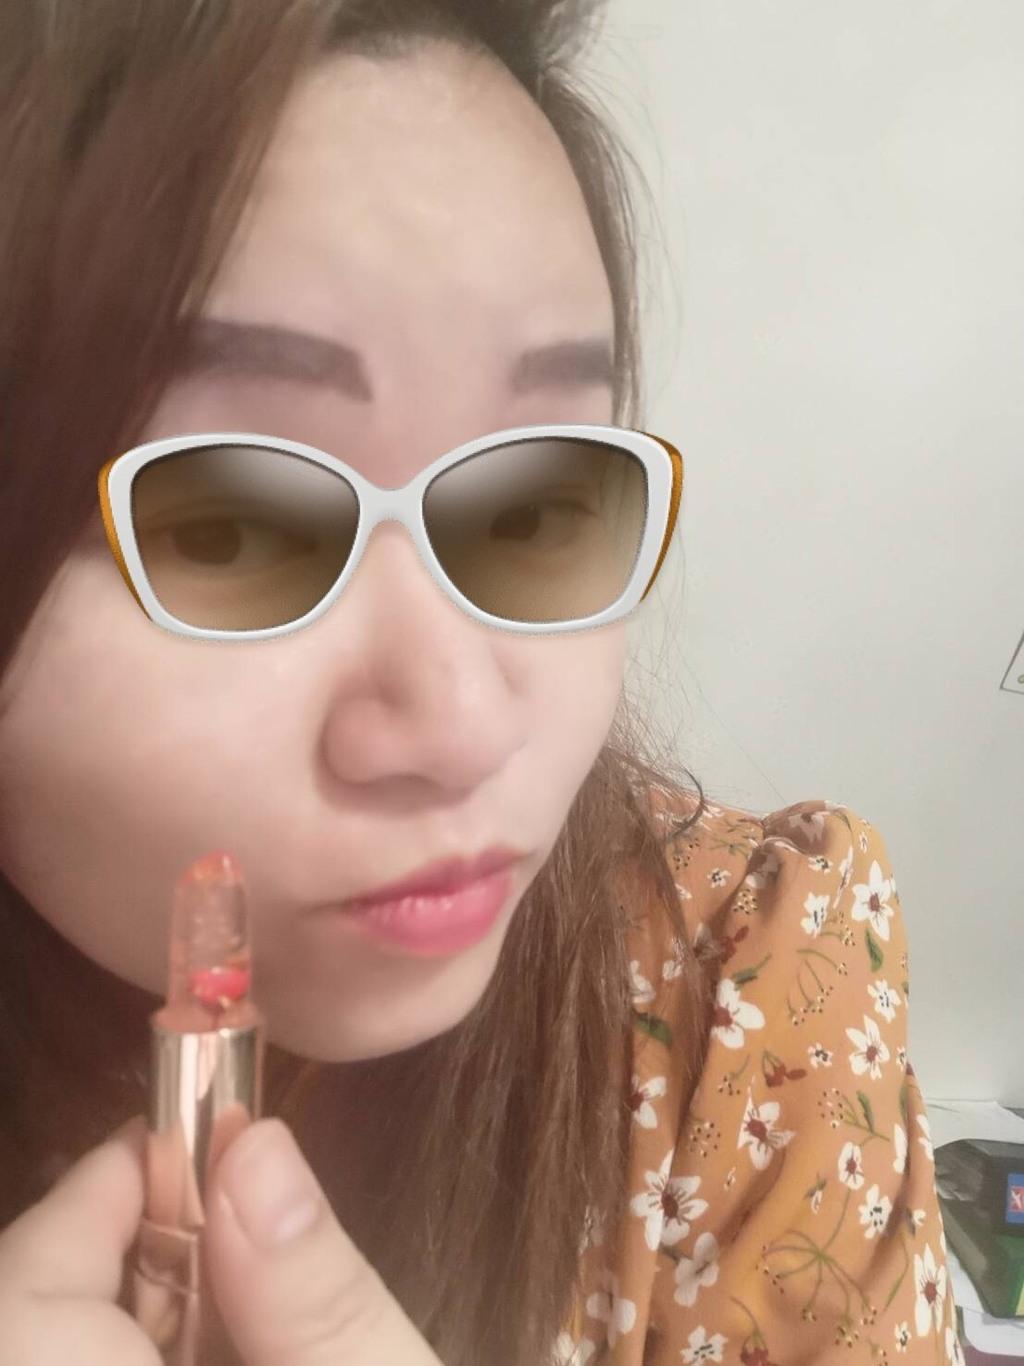 Kailijumei Lipstick ลิปสติก ลิปบำรุง เนื้อเยลลี่  รีวิว